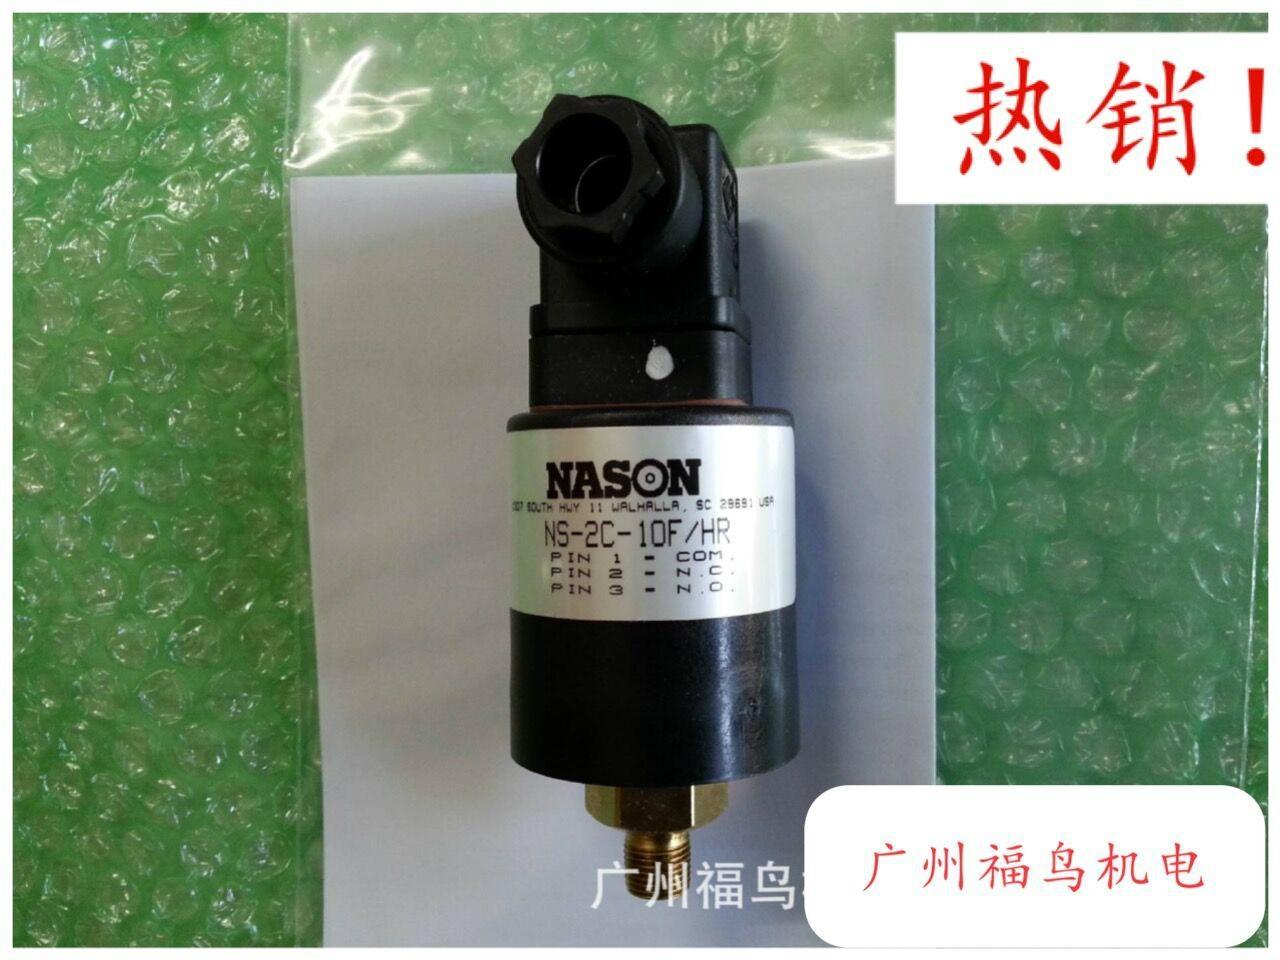 NASON壓力開關,  型號: NS-2C-10F/HR